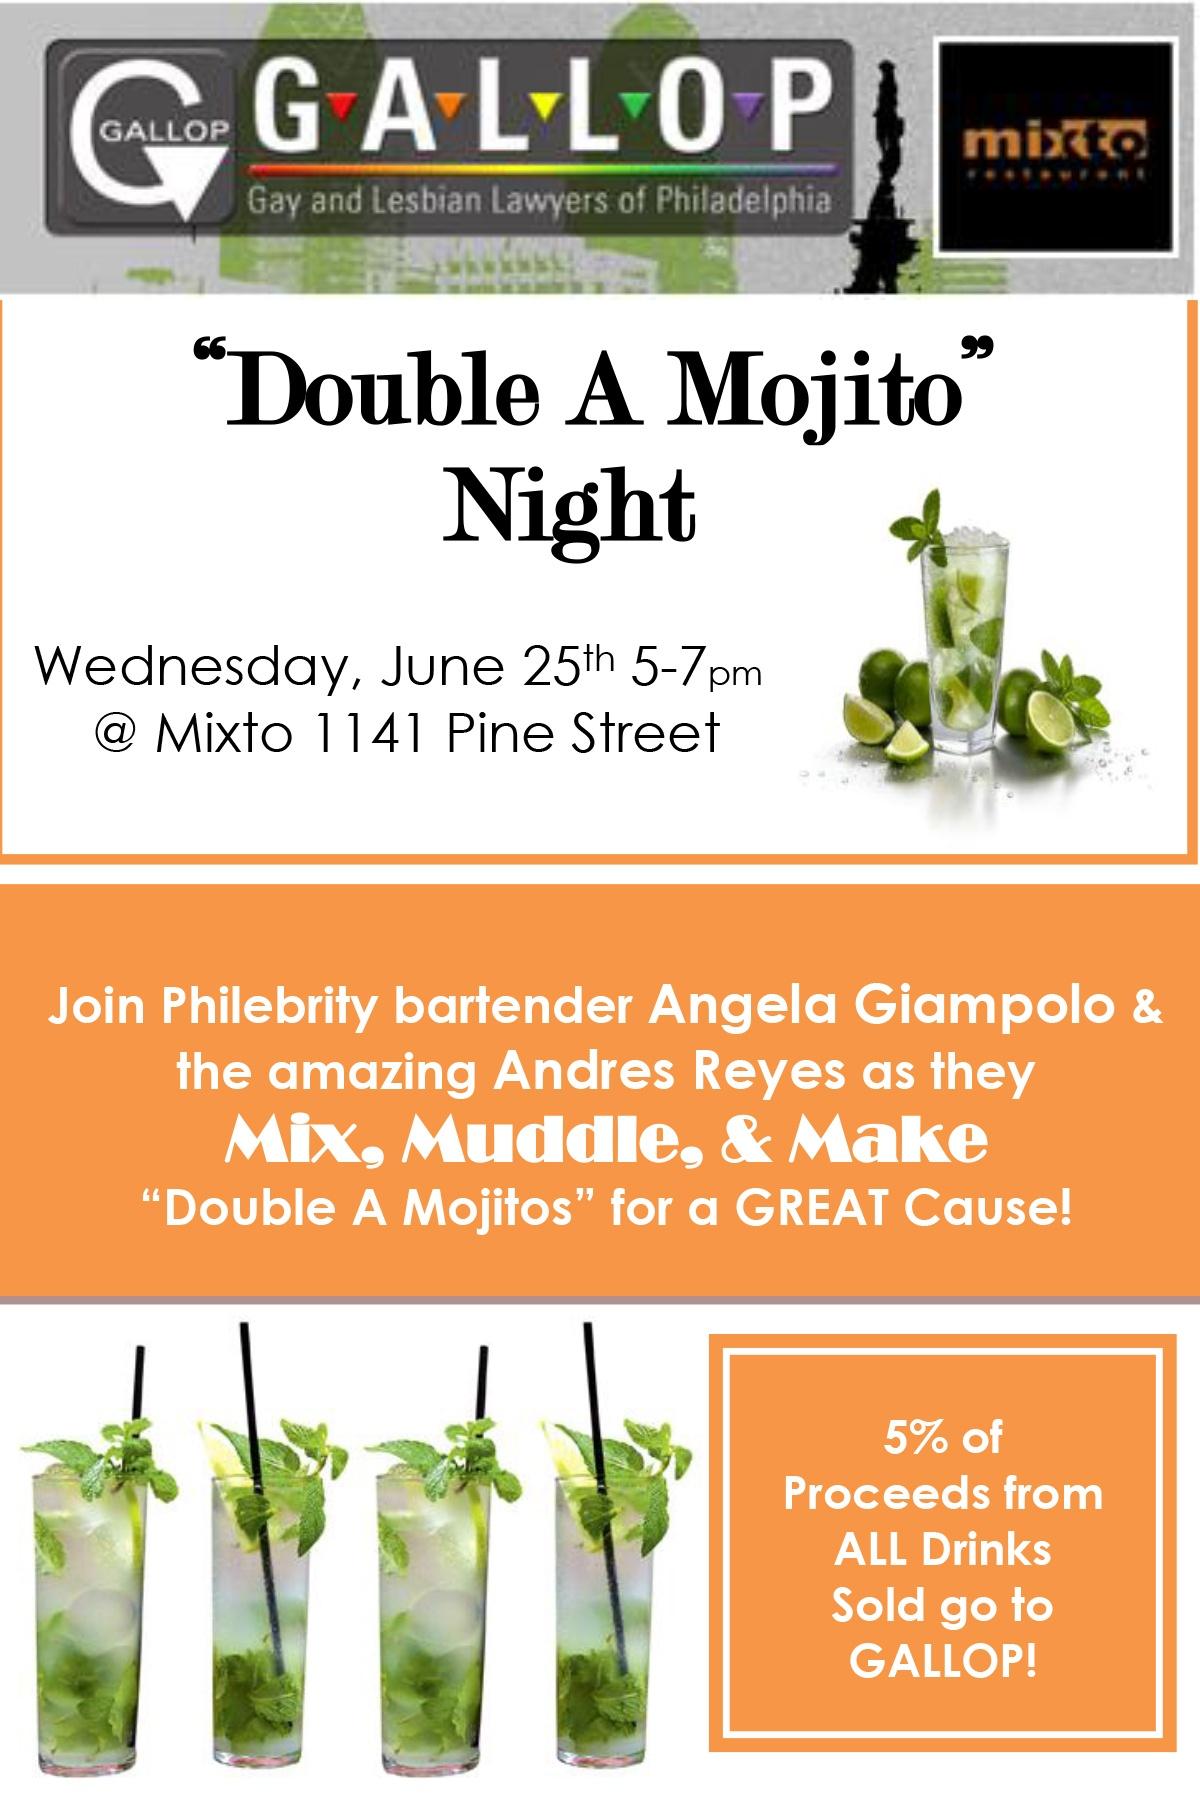 Double A Mojito